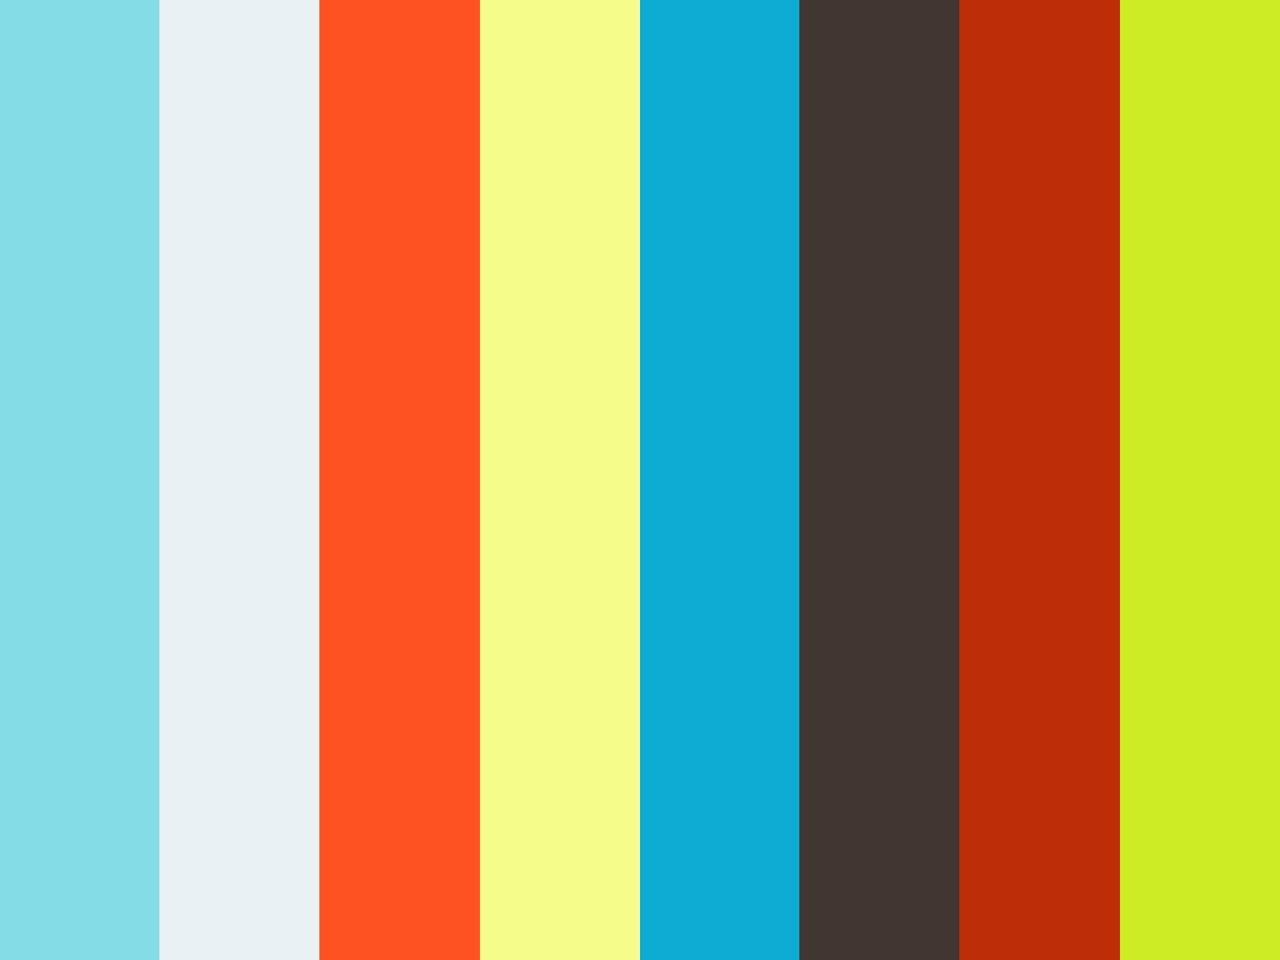 Erik Le Rouge découvre l'amérique - 2019 Février Semaine 01